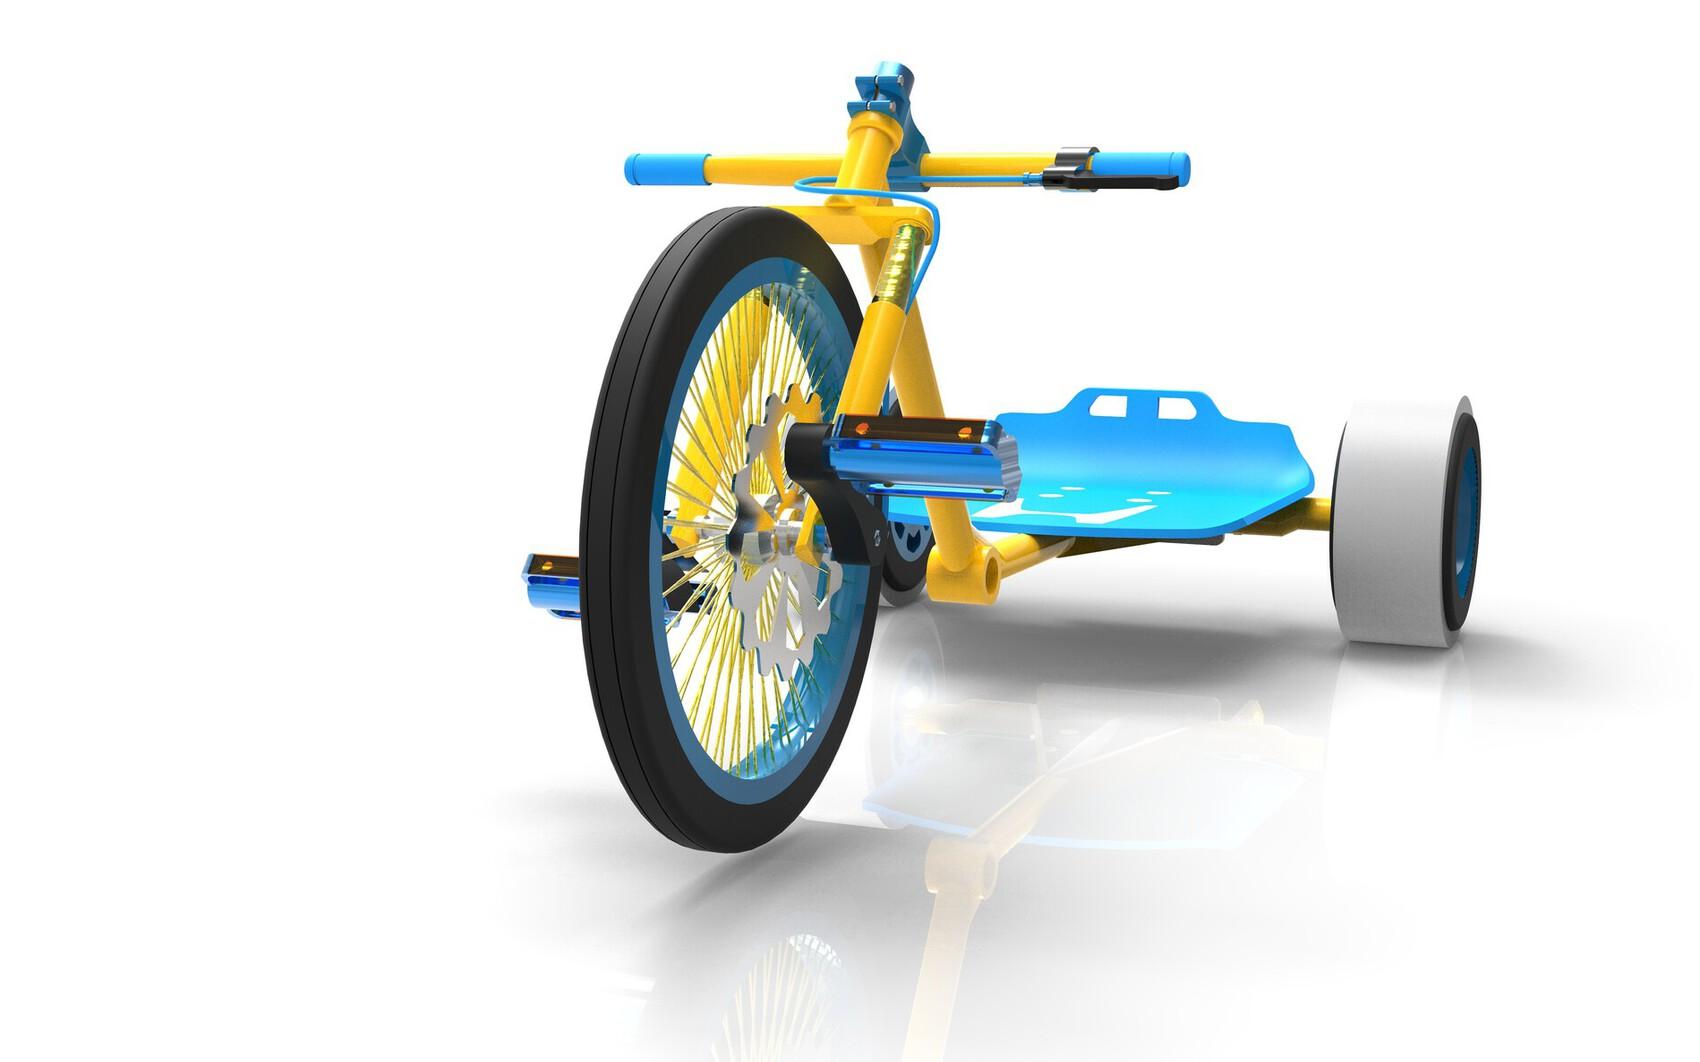 Modélisation 3d d' un vélo